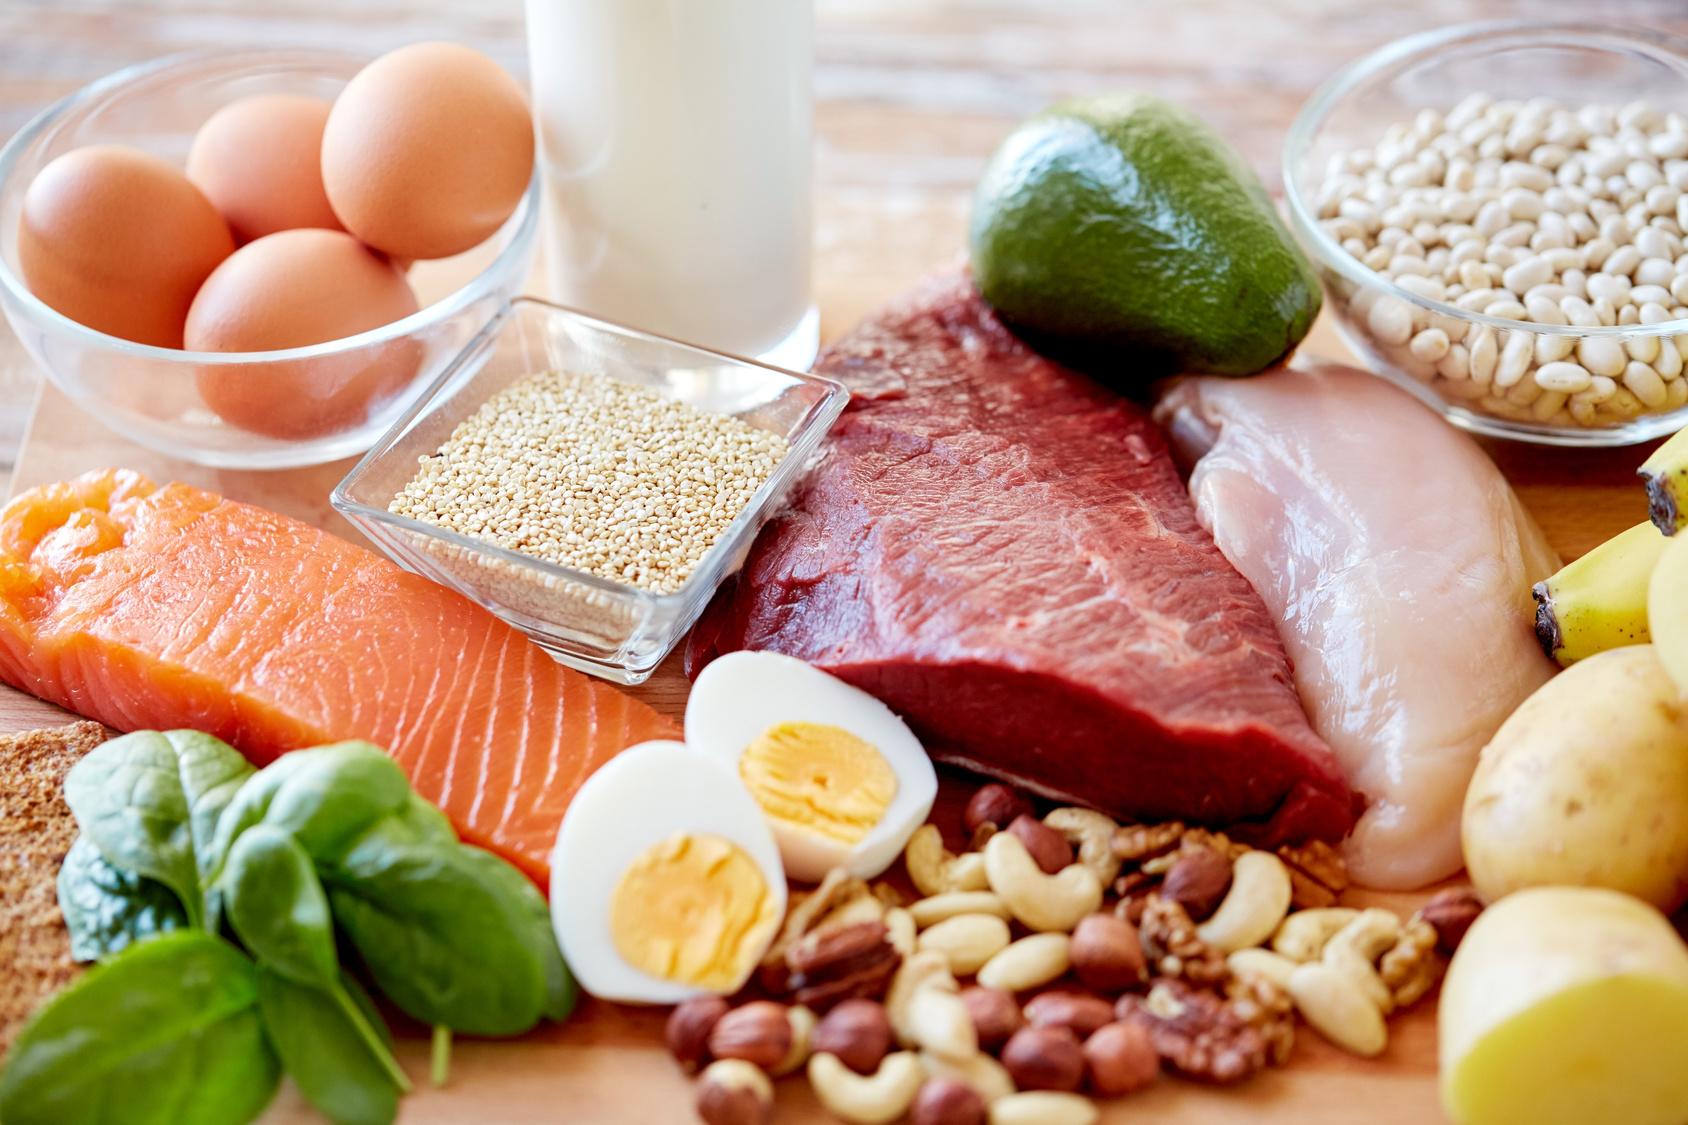 Сбалансированное питание для семьи: меню на неделю